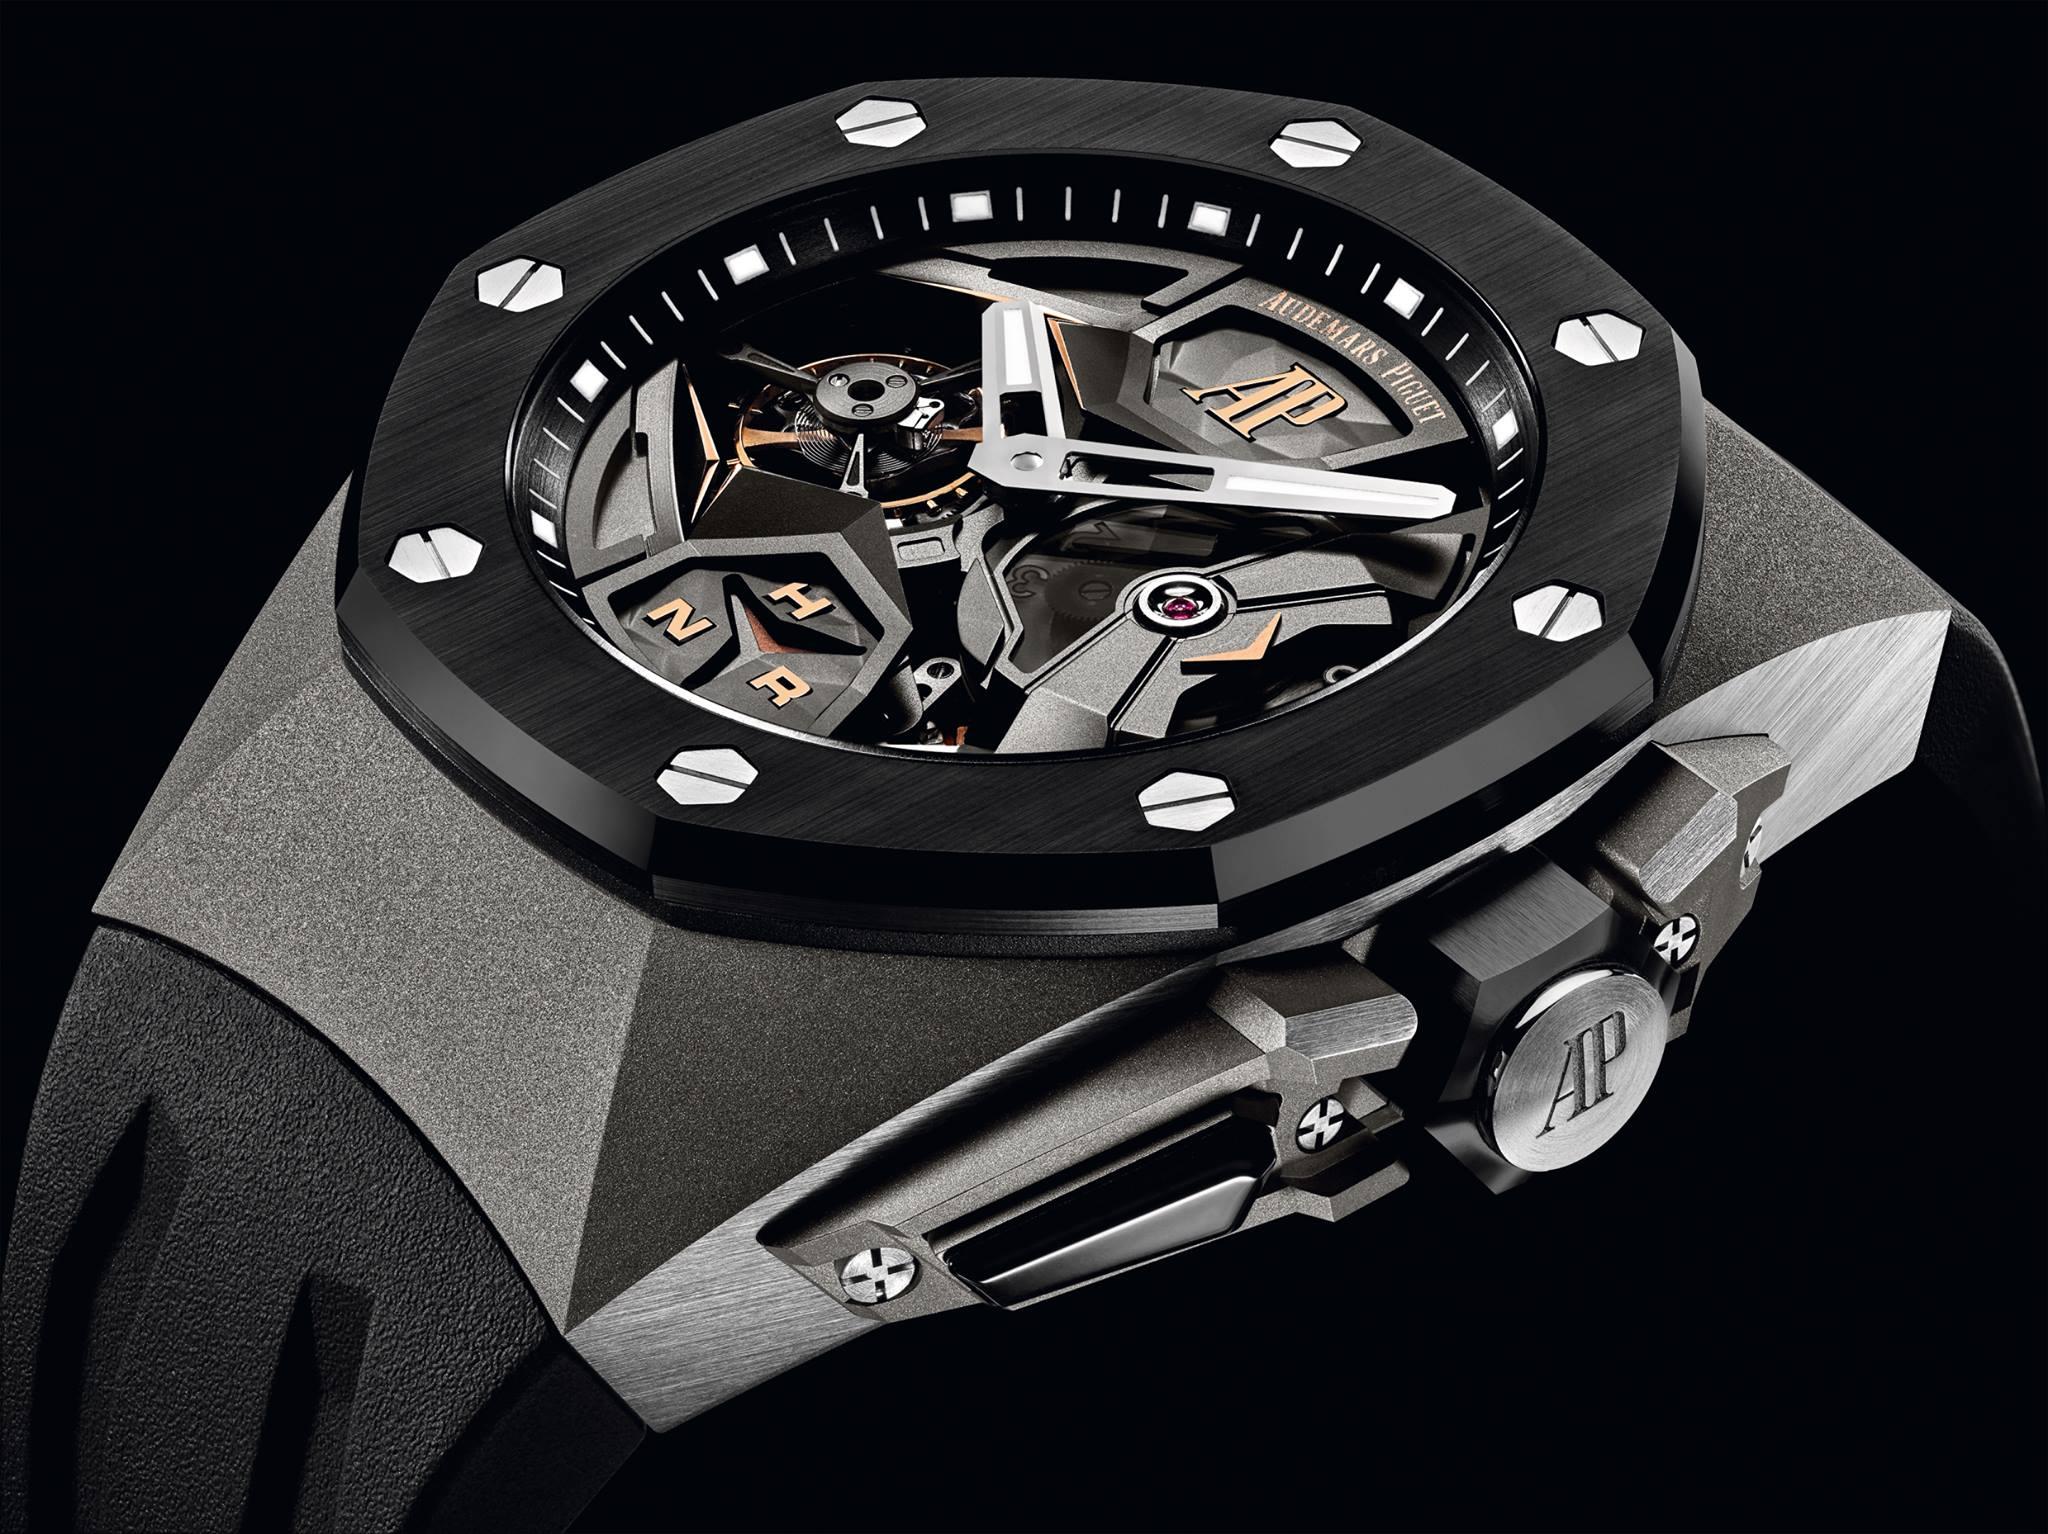 659509b3862d Este año la marca con sede en Le Brassus exhibió un par de relojes  conceptuales bajo la línea Royal Oak. Y llama la atención que